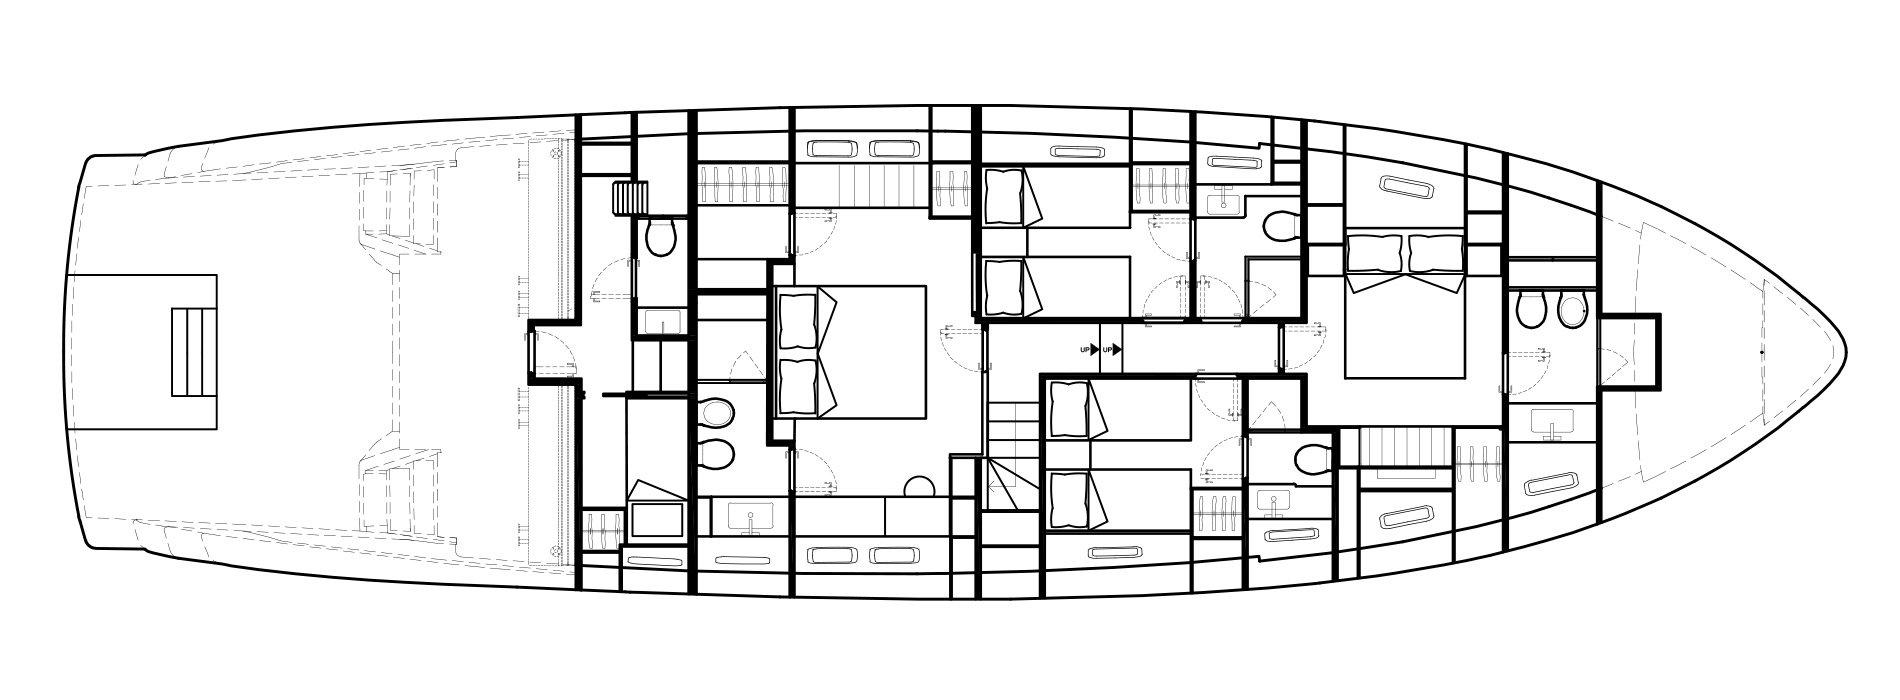 Sanlorenzo Yachts SX76 Lower Deck Version A